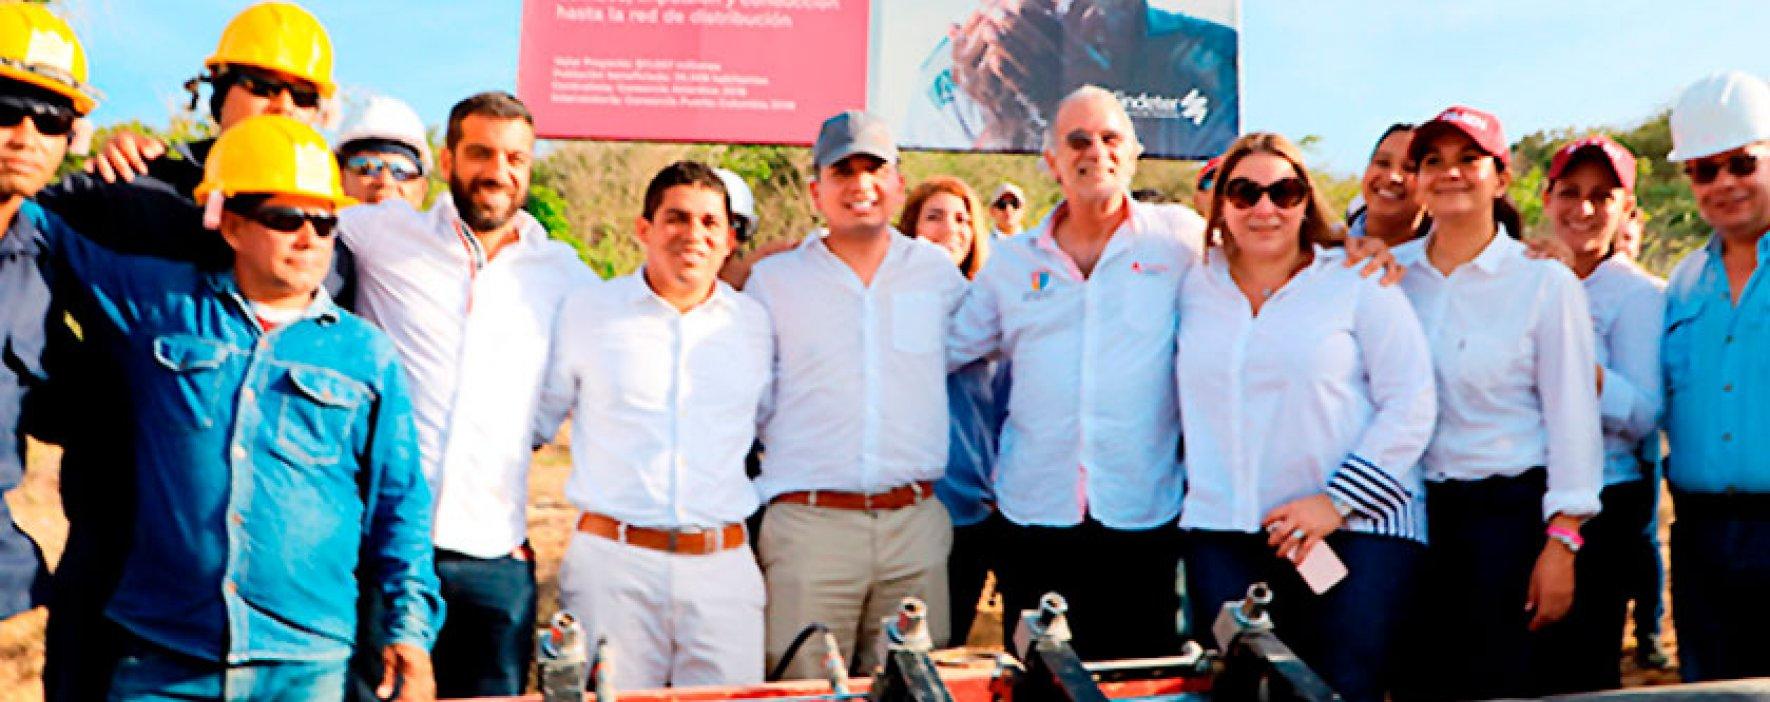 Inició construcción de tanque de agua potable en Puerto Colombia